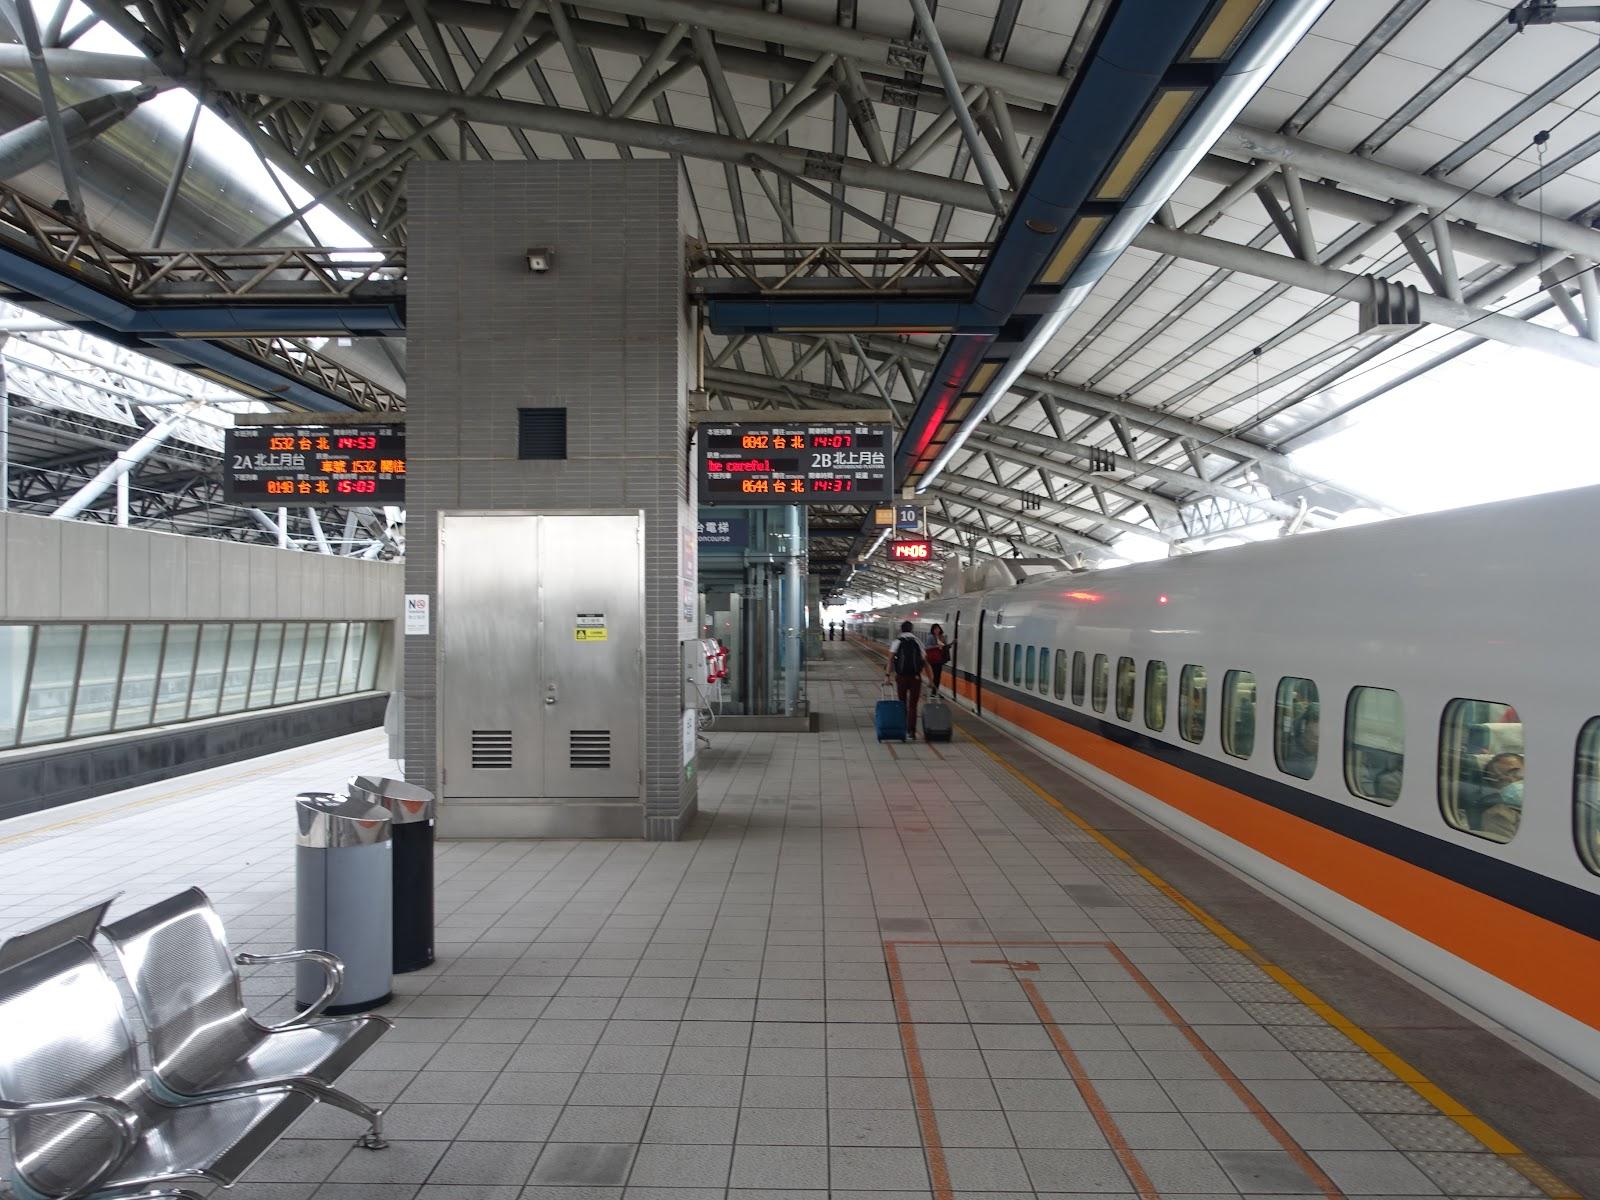 鐵貓=鐵道與貓的完美結合: 高鐵臺中站